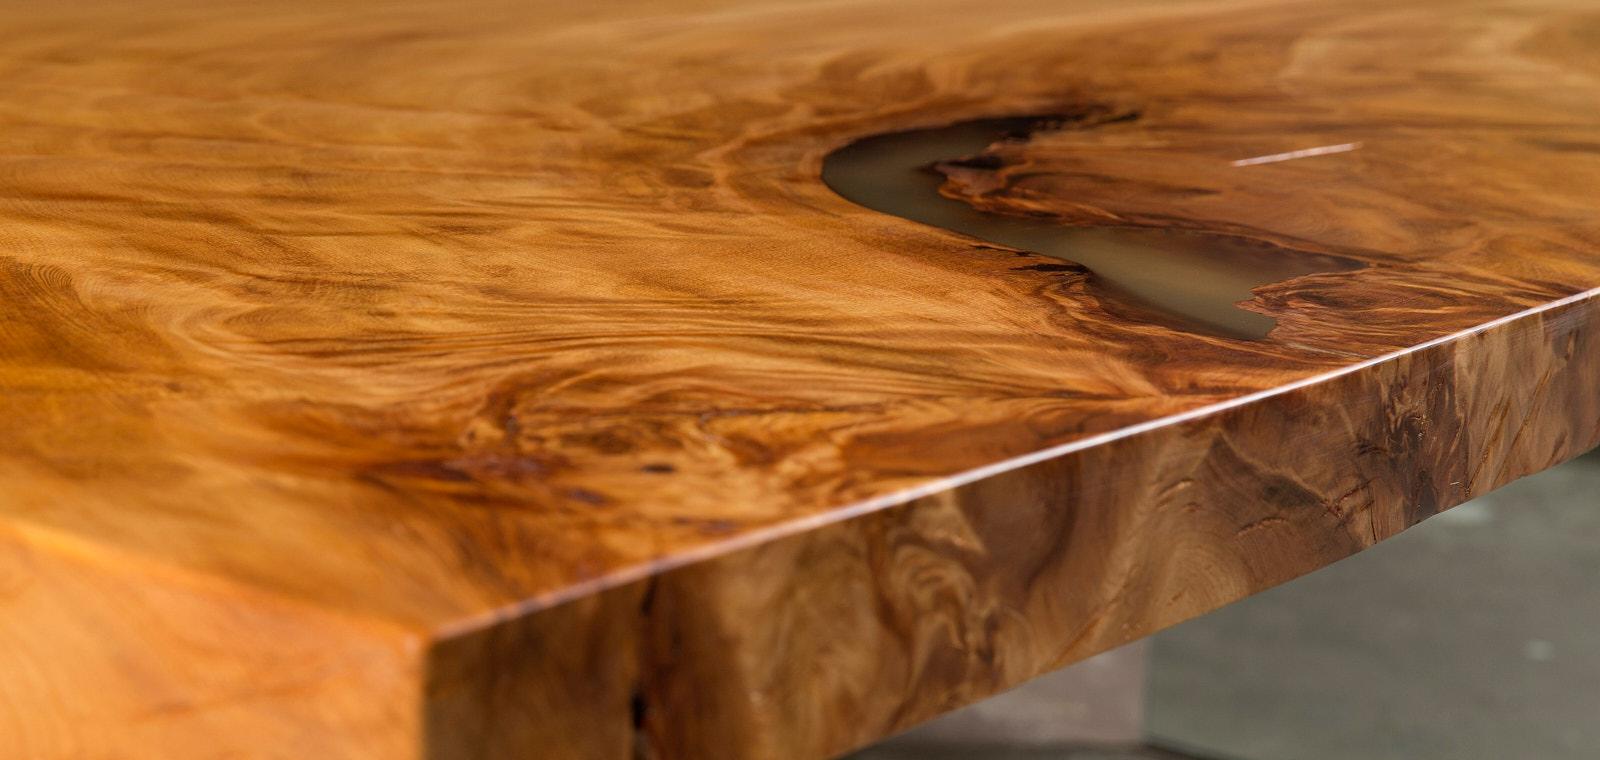 Außergewöhnlicher Design Tisch, Holztisch mit Glasfüßen aus uraltem Kauri Holz mit Harz gefüllten Naturmerkmal